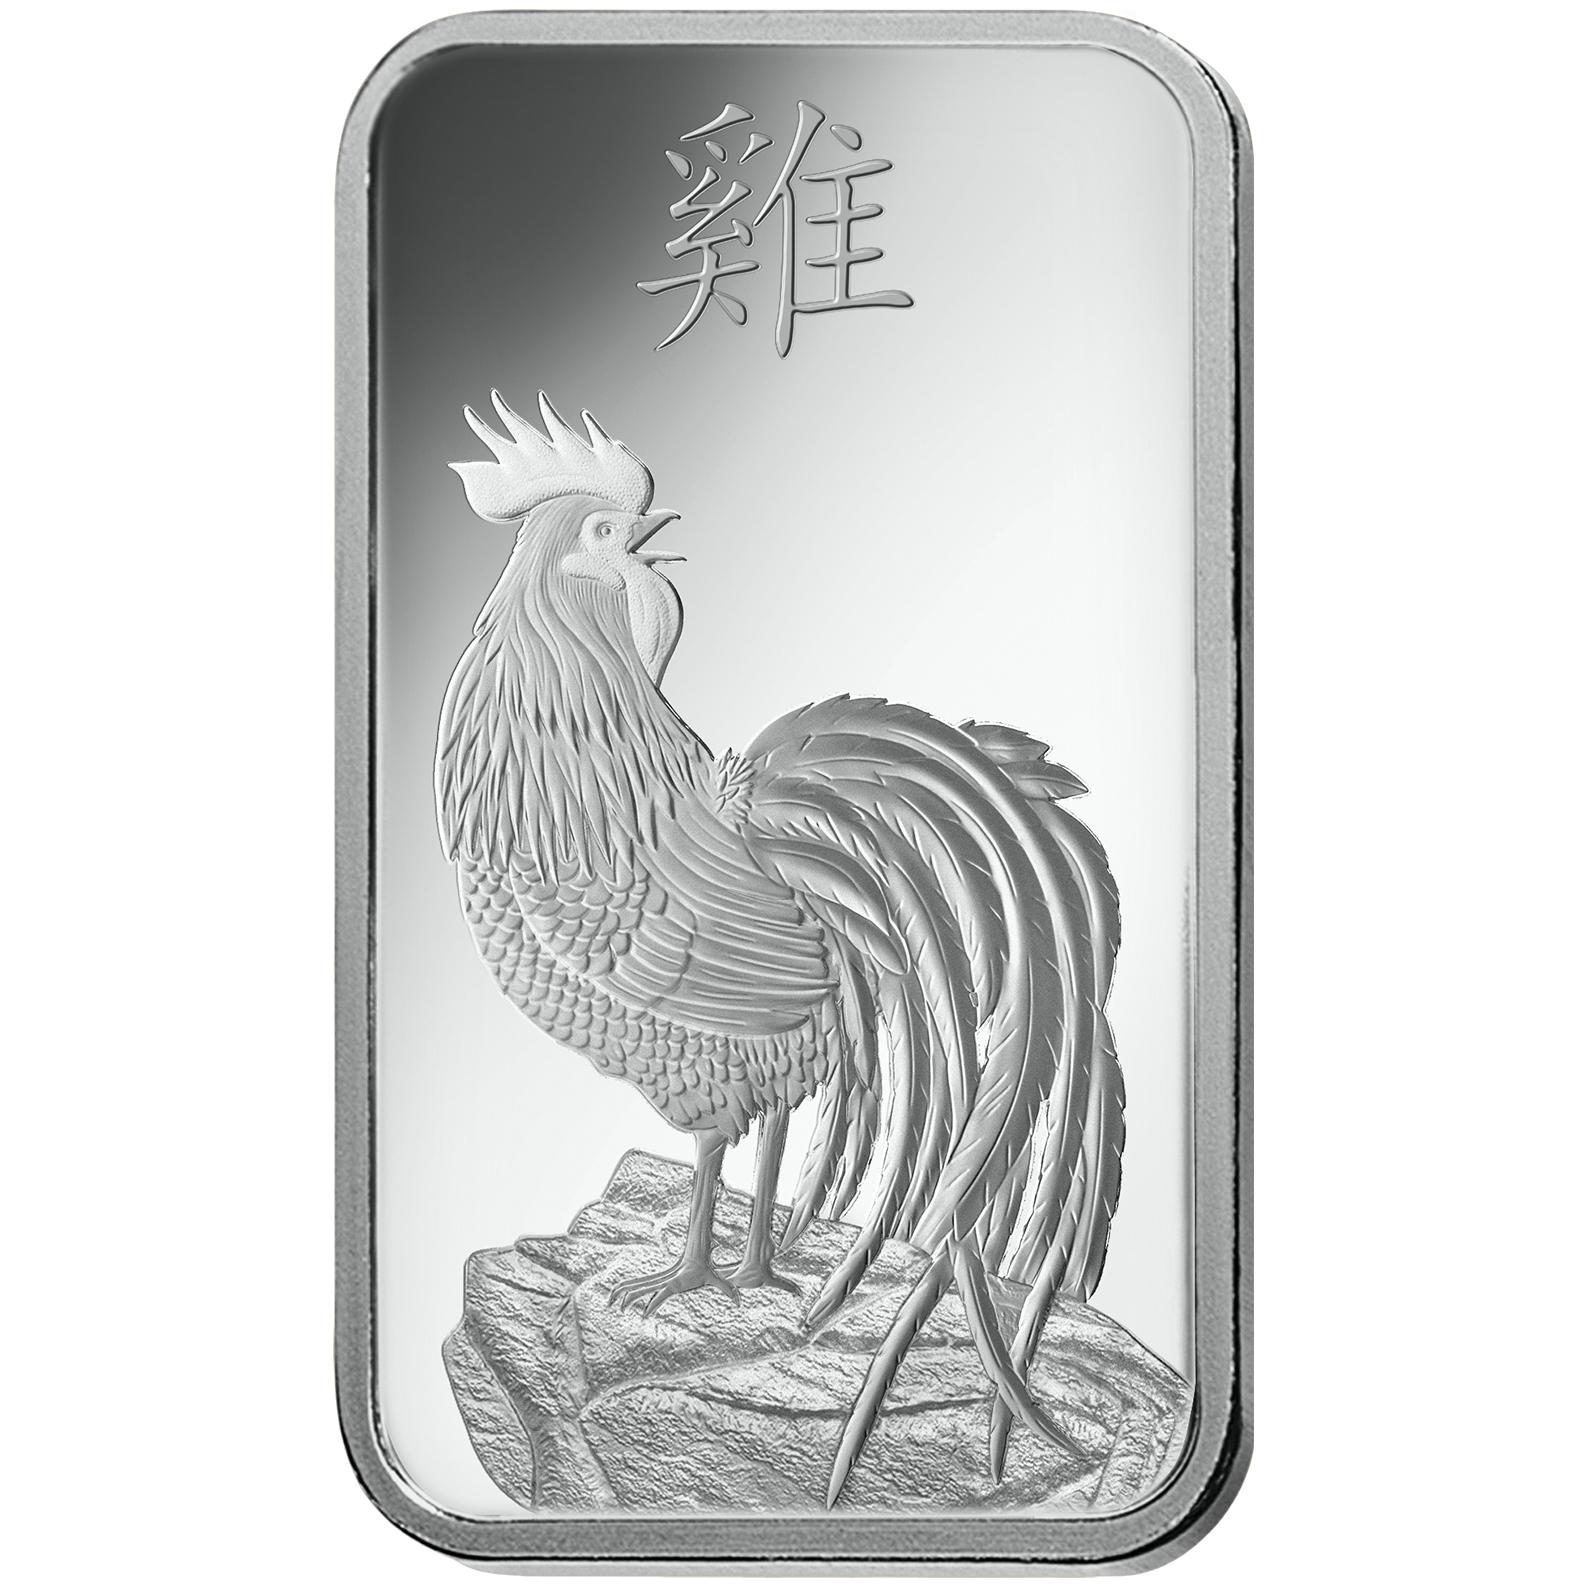 10 Gramm Silberbarren - PAMP Suisse Lunar Hahn